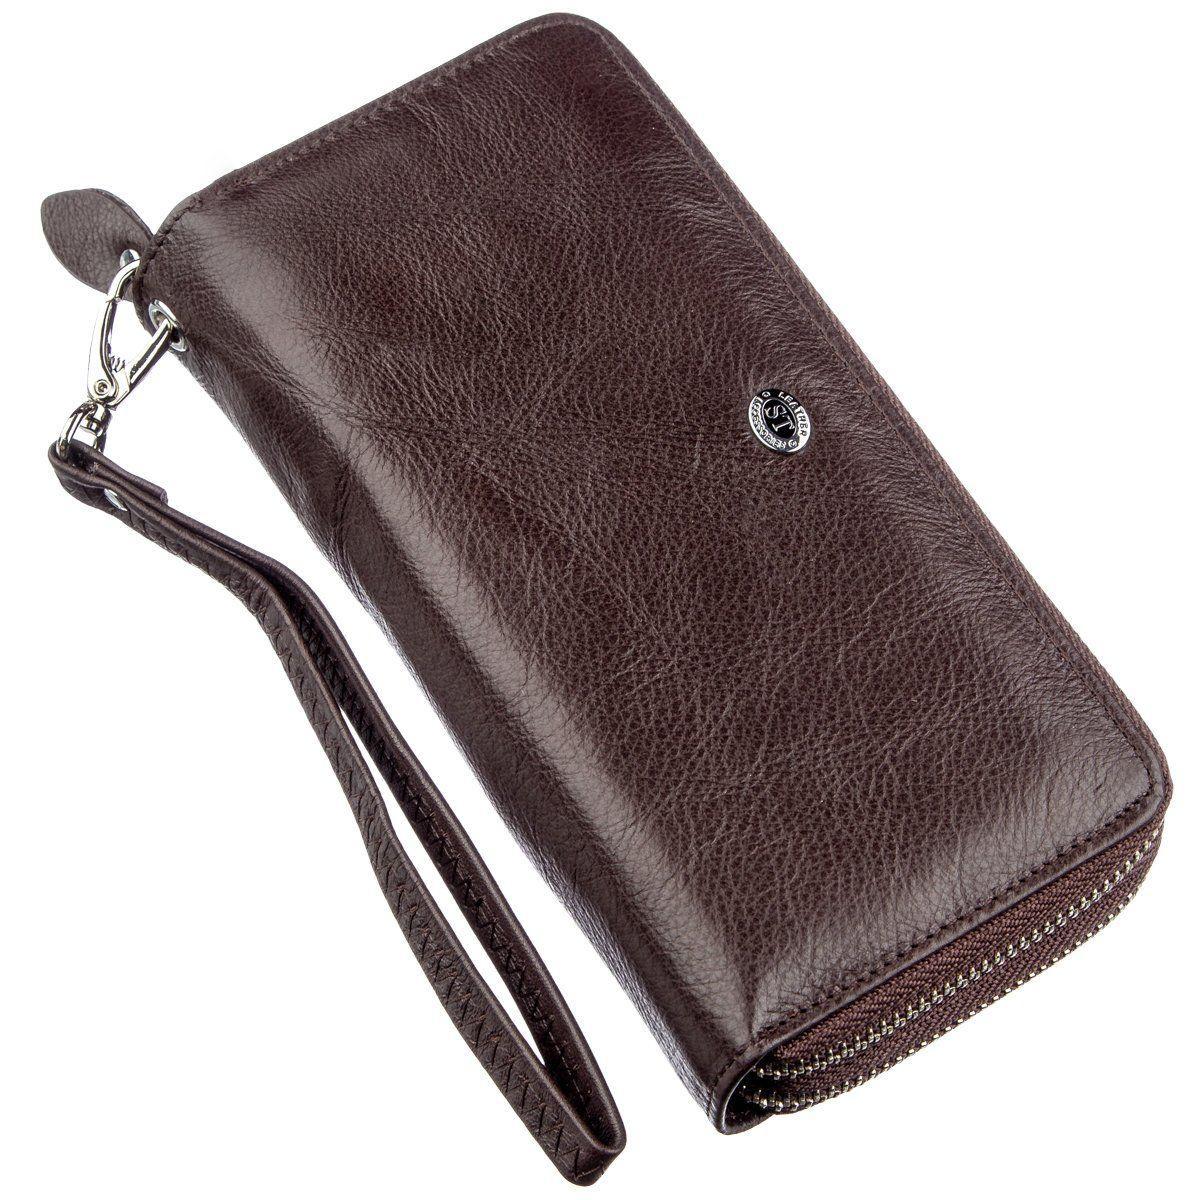 Женский клатч с ремешком на запястье ST Leather 18867 Коричневый, Коричневый